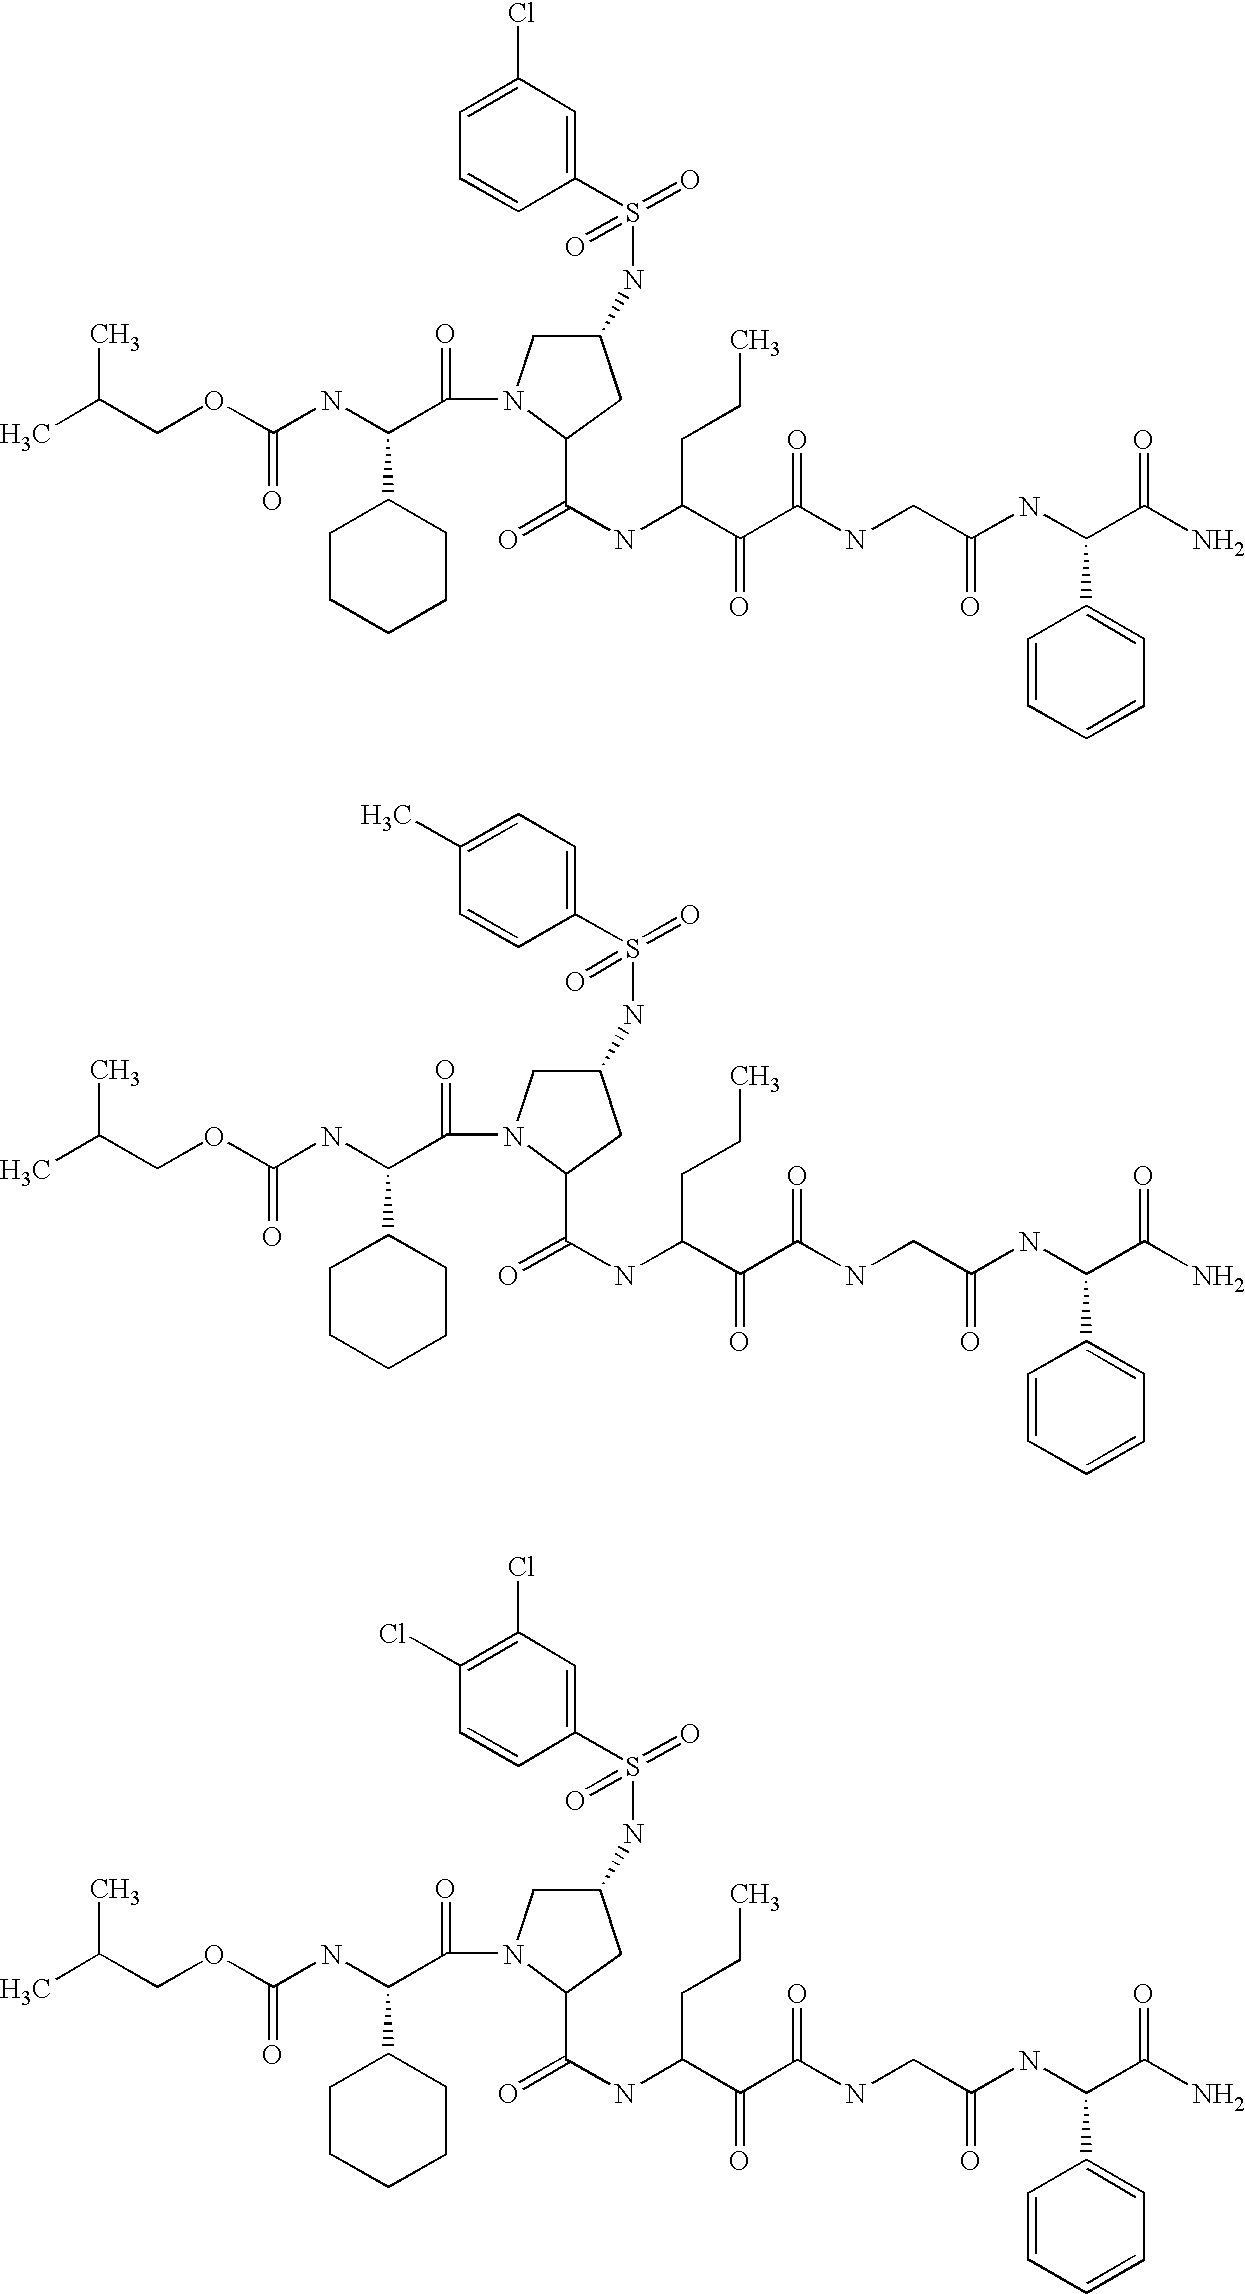 Figure US20060287248A1-20061221-C00128